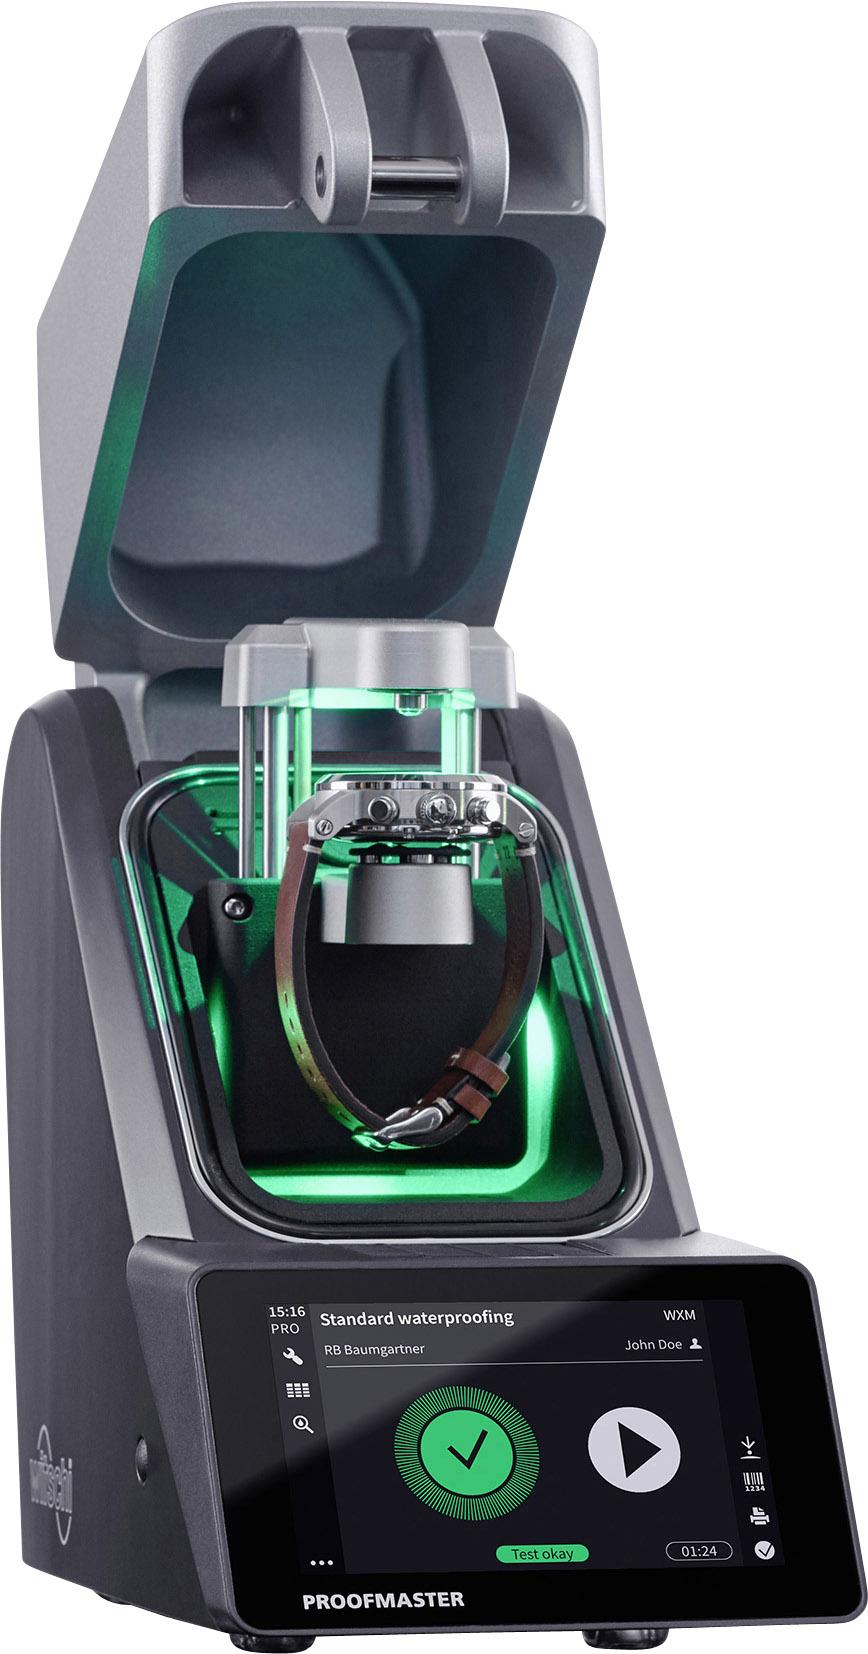 WD-Prüfgerät Proofmaster G2 Pro Witschi